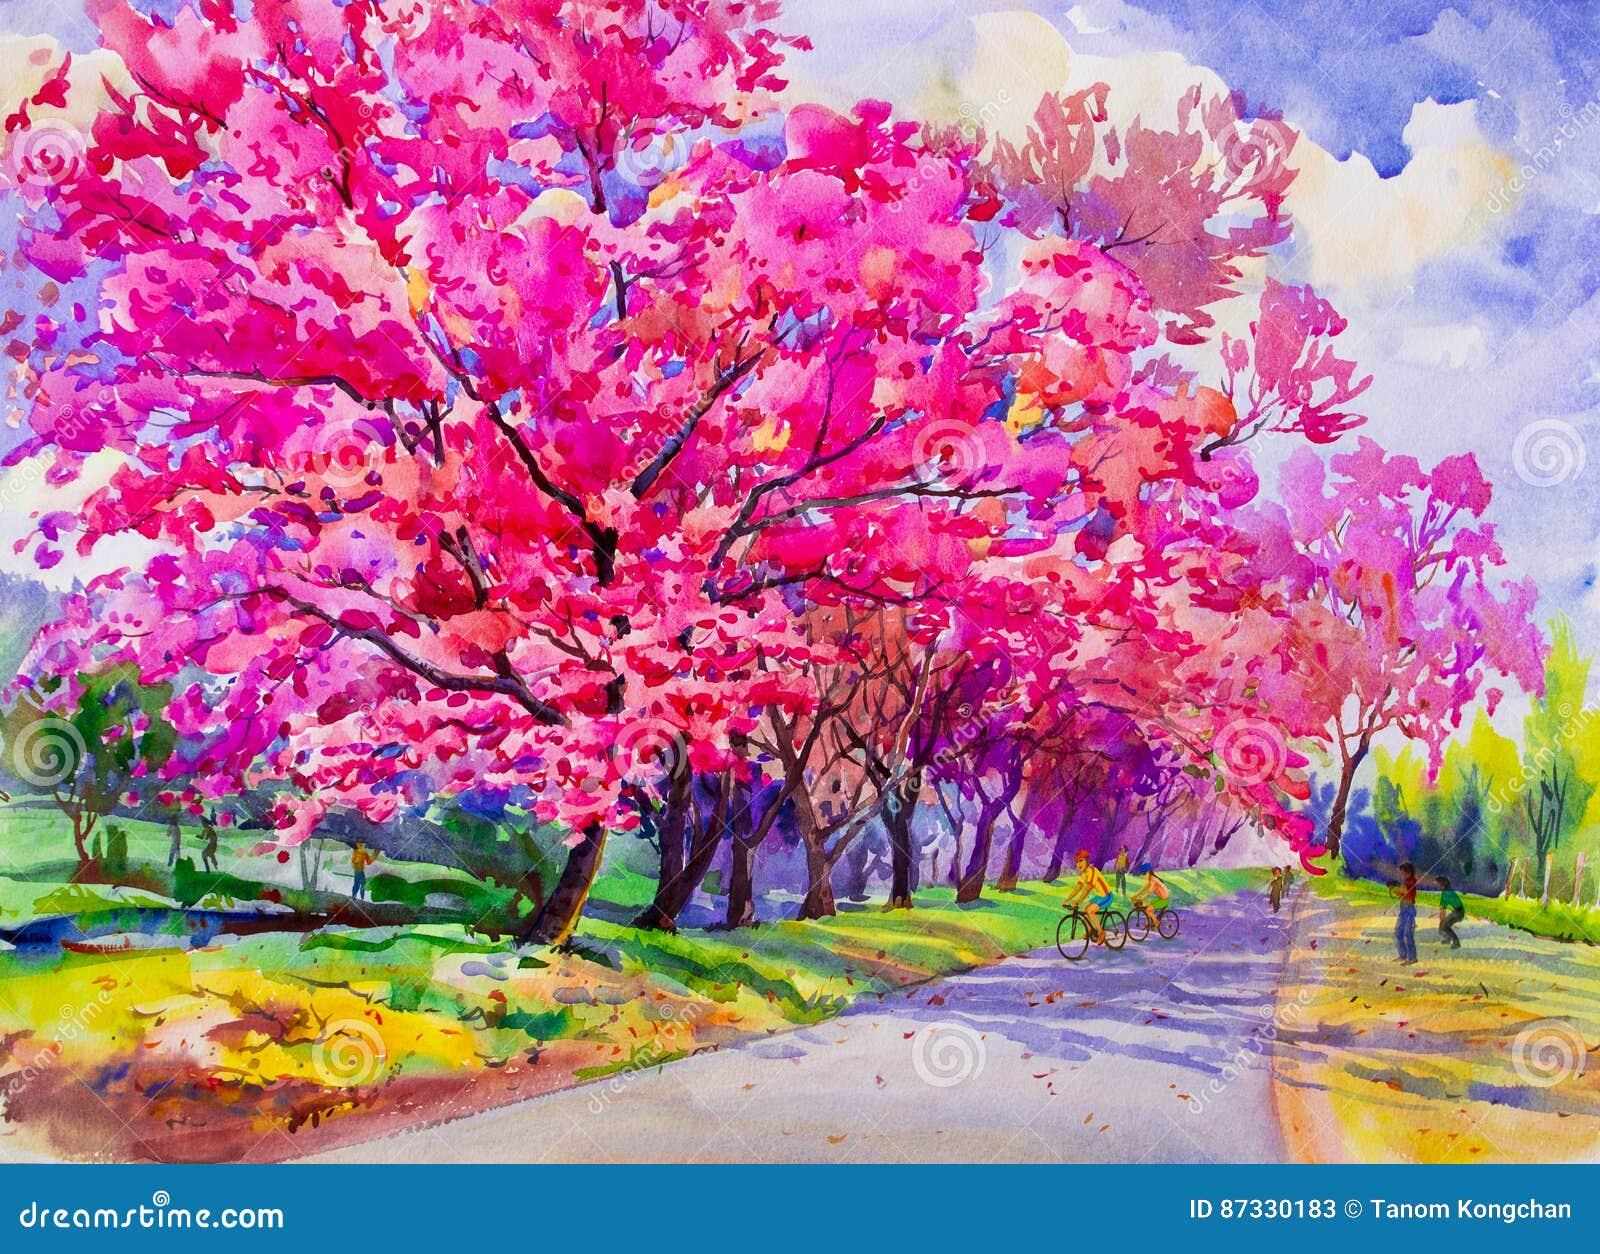 Malereiaquarell-Landschaftsursprüngliche rosarote Farbe der wilden Himalajakirsche